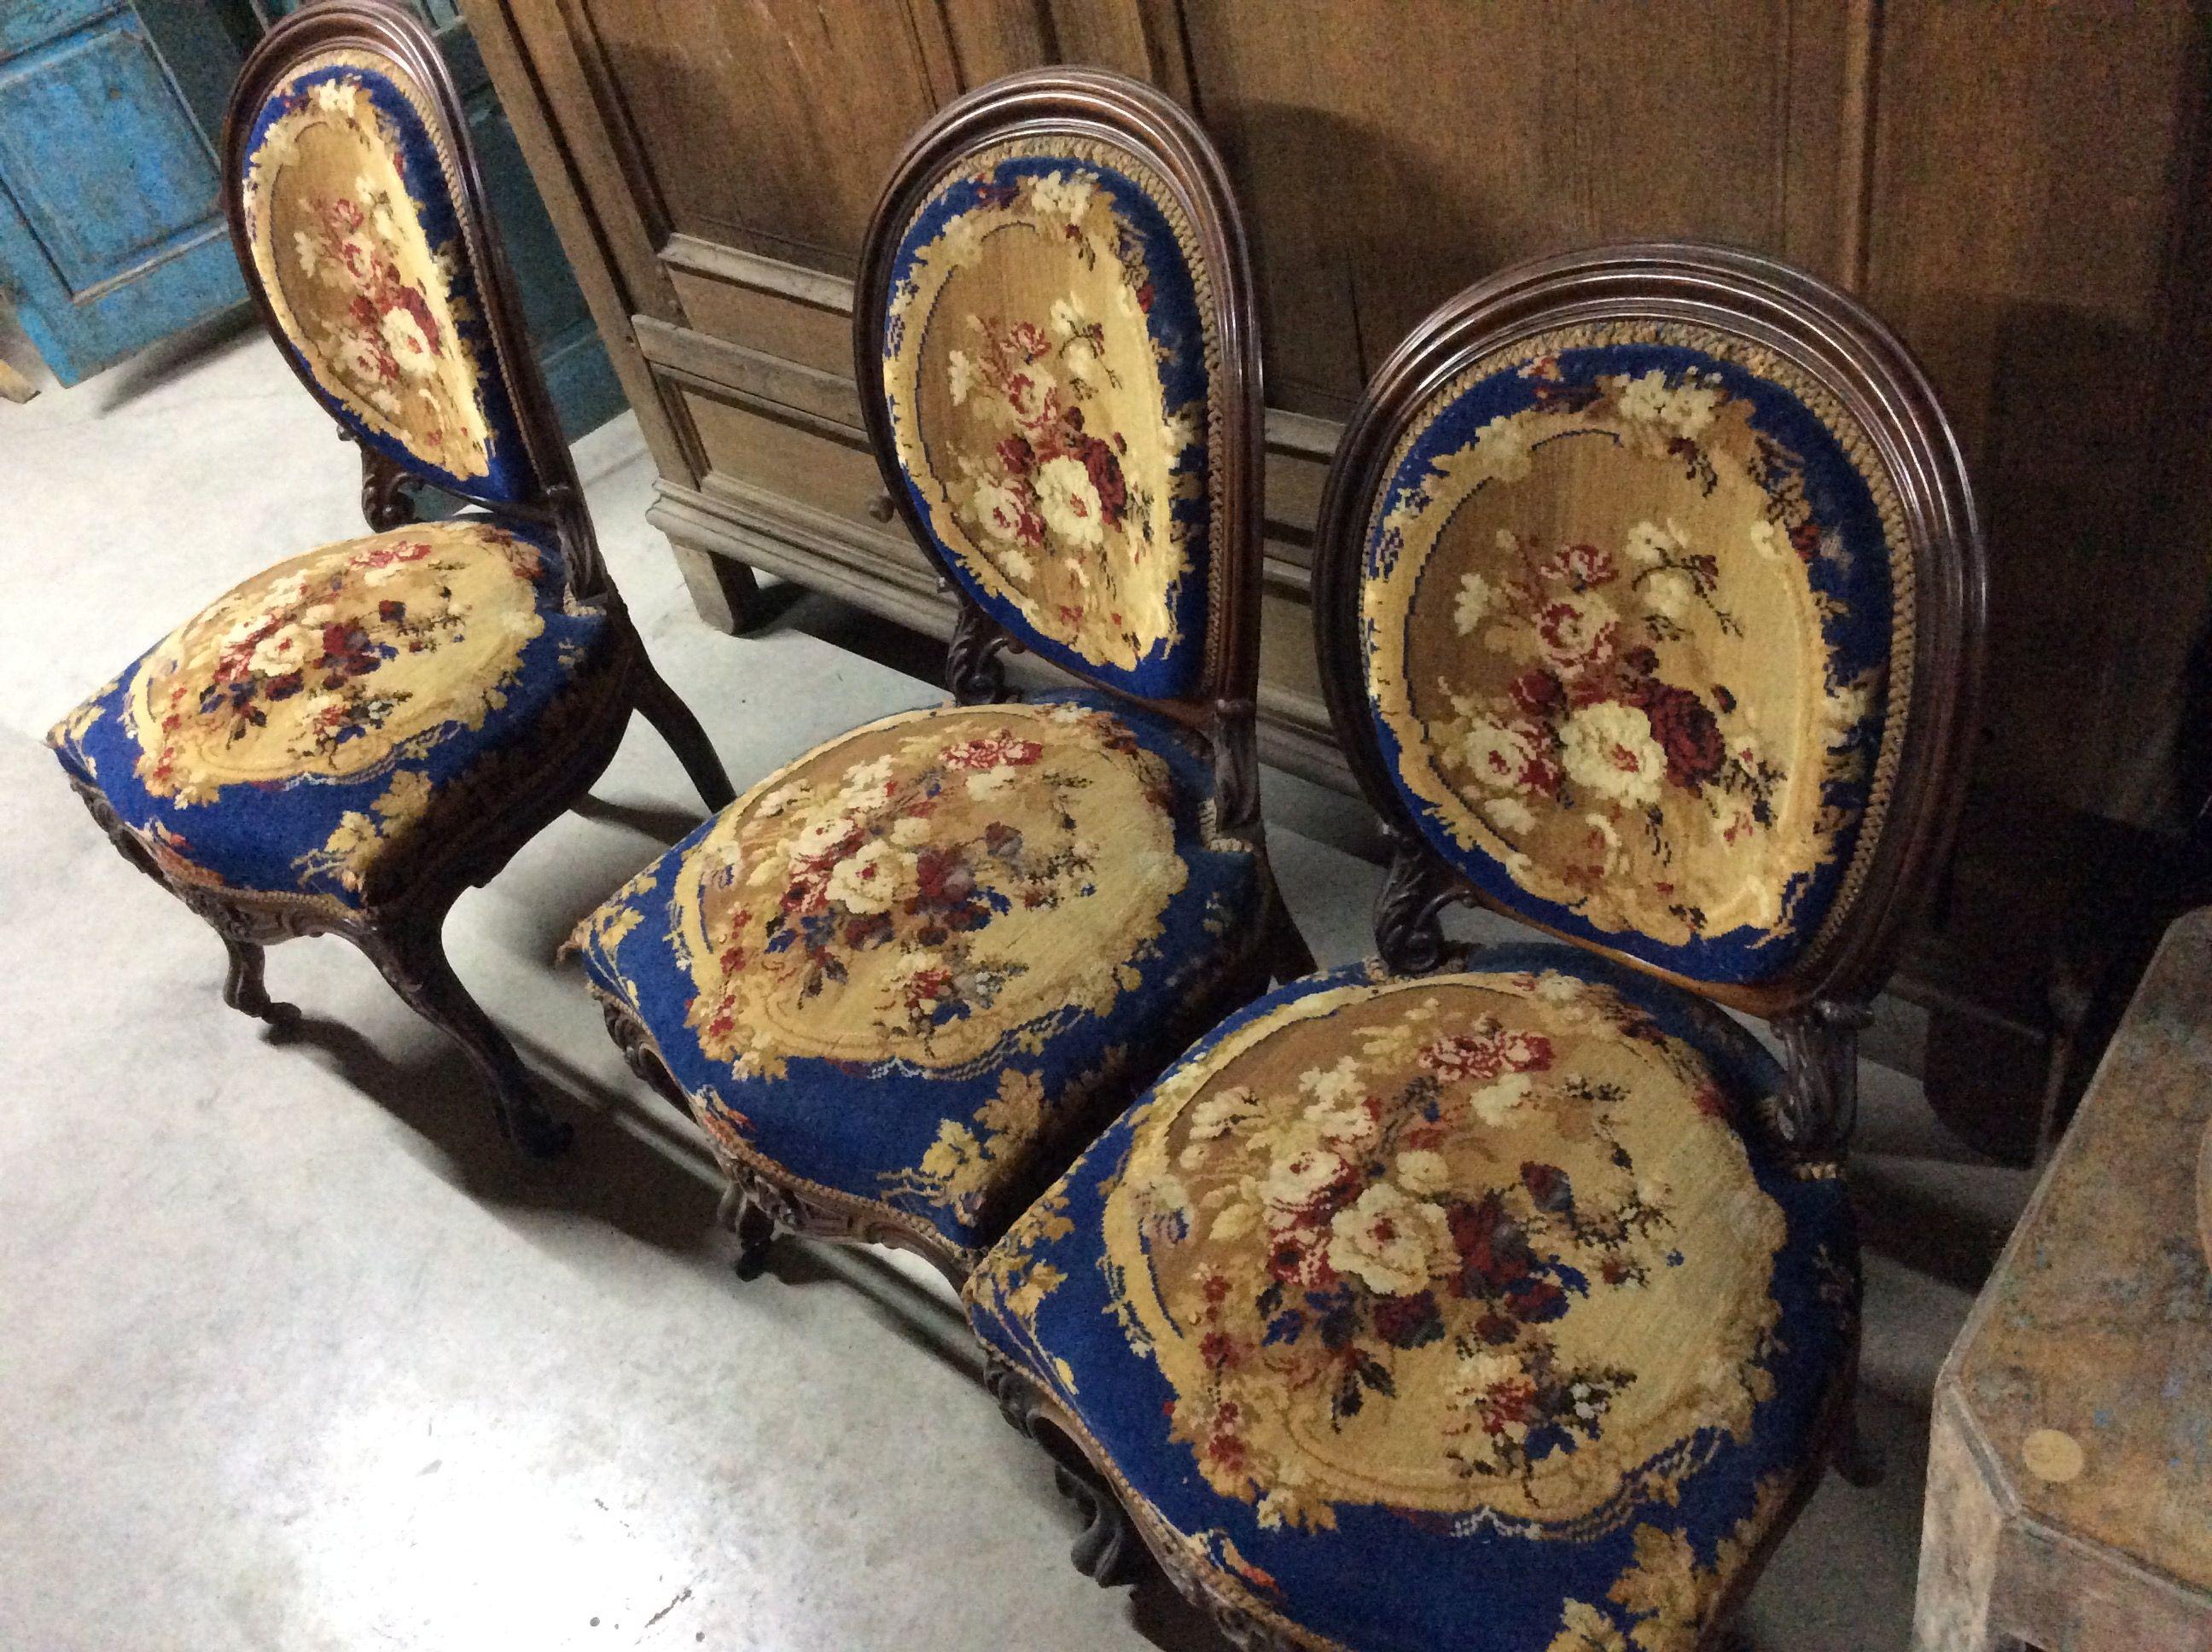 Antieke Stoelen Te Koop.6 Mooie Gestoken Antieke Stoelen Te Koop Bij Medussa Heist Op Den